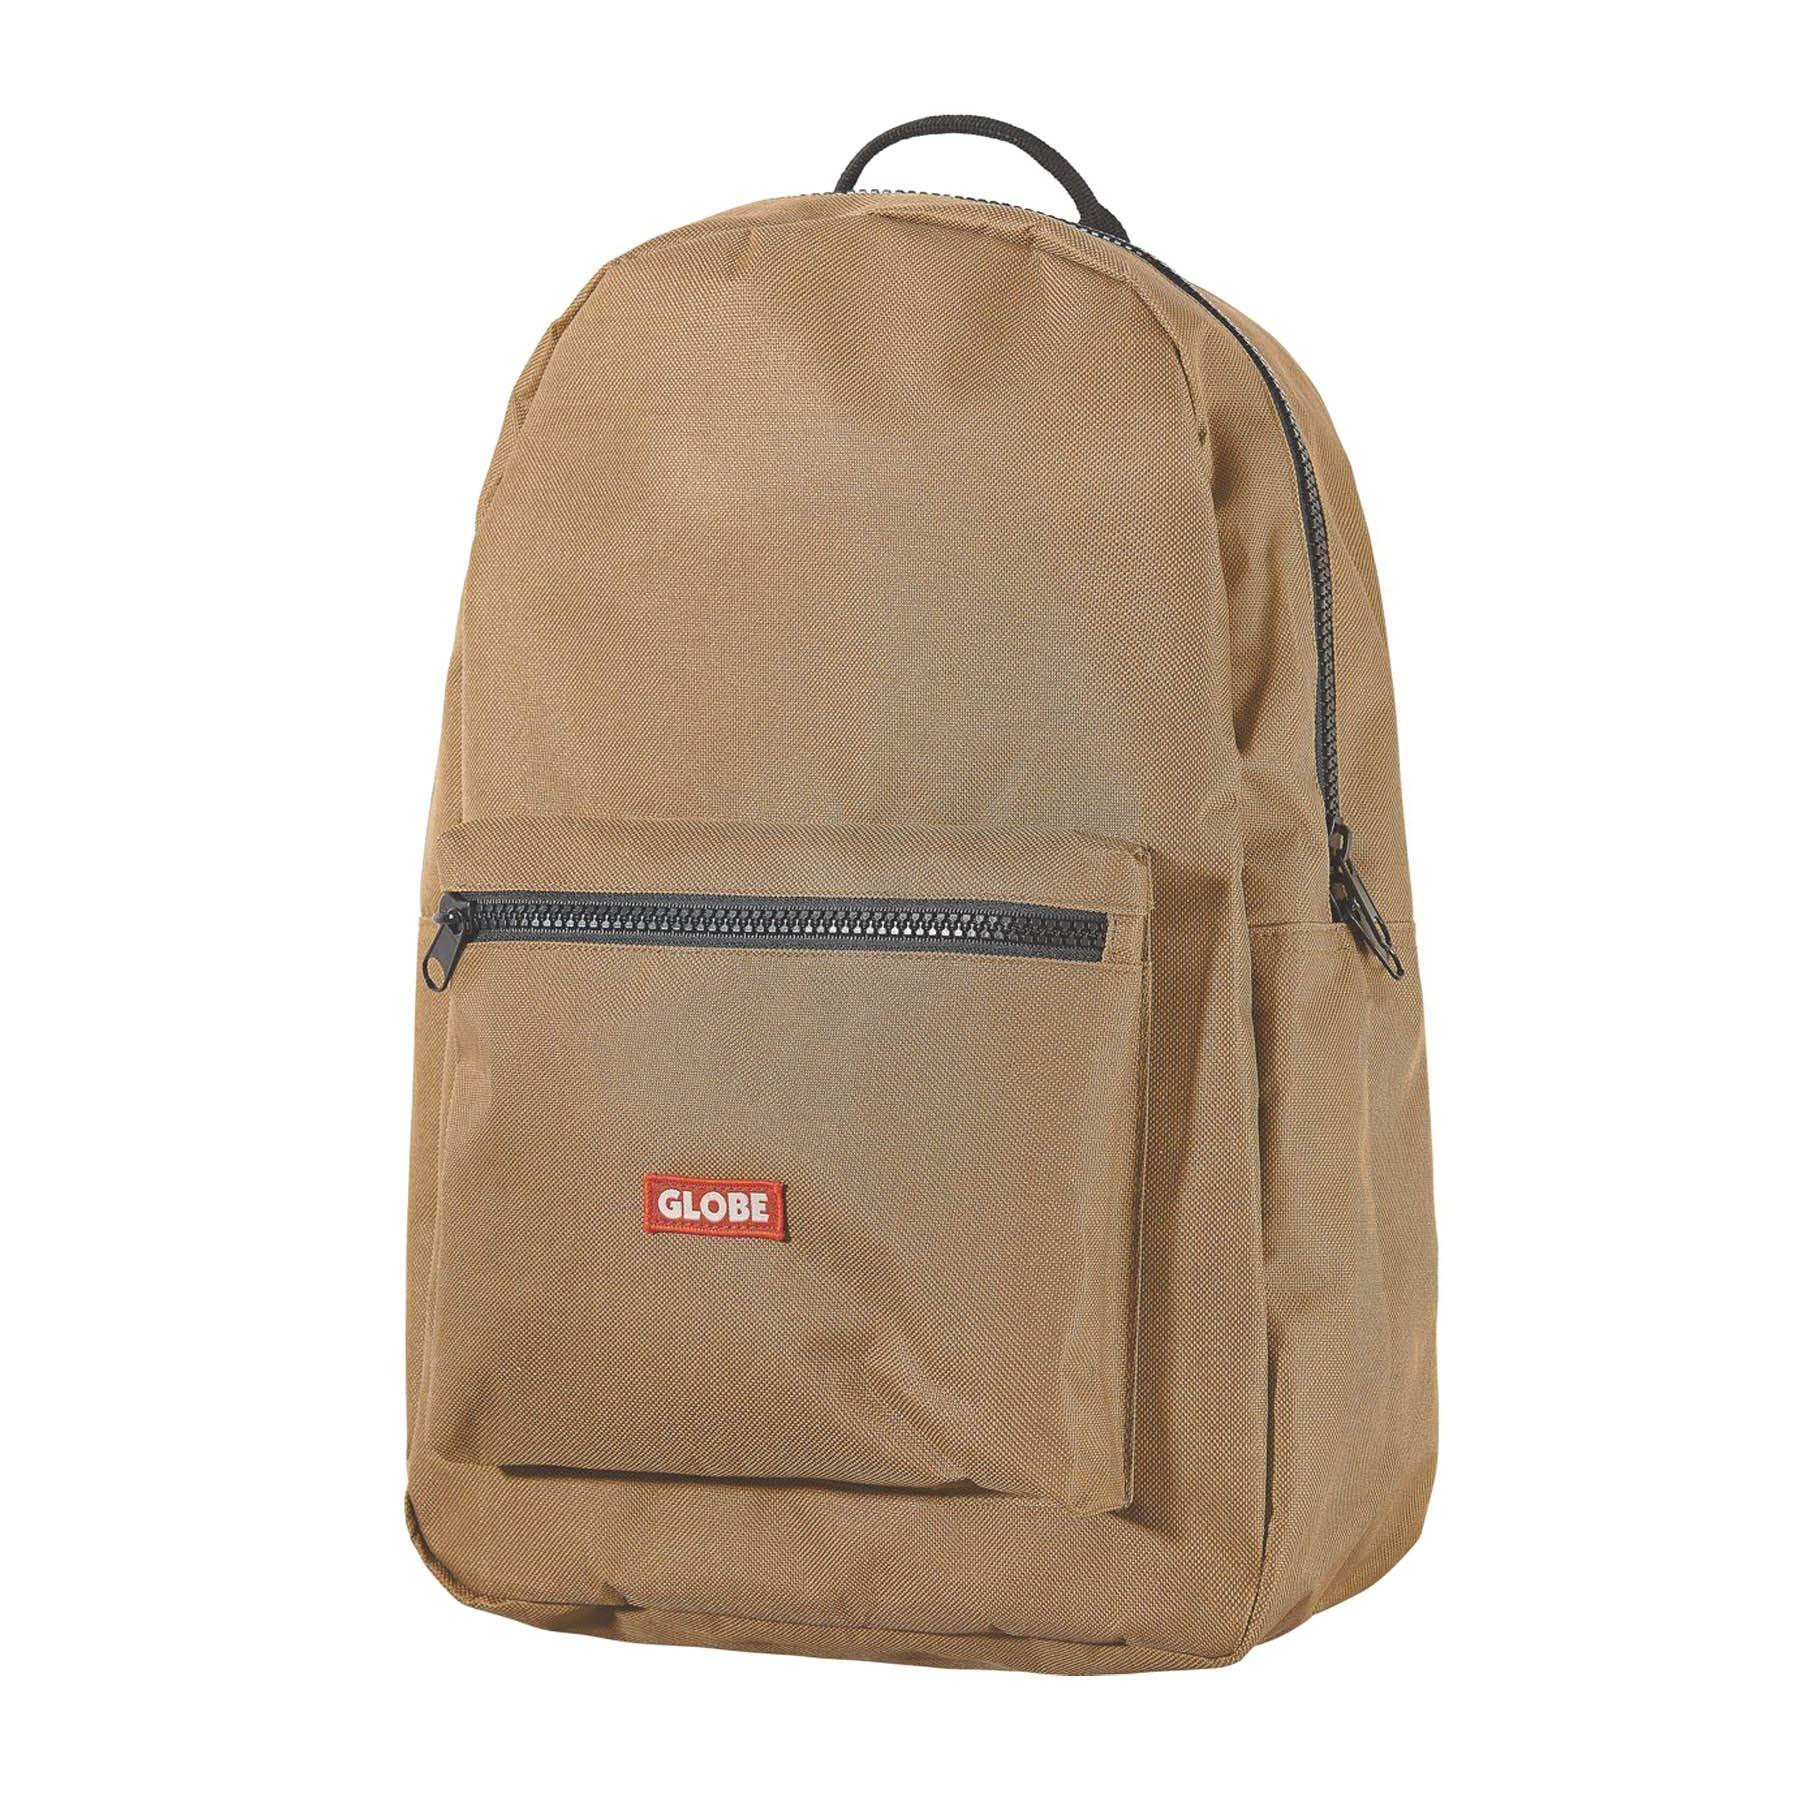 Globe Deluxe Backpack One Size Desert